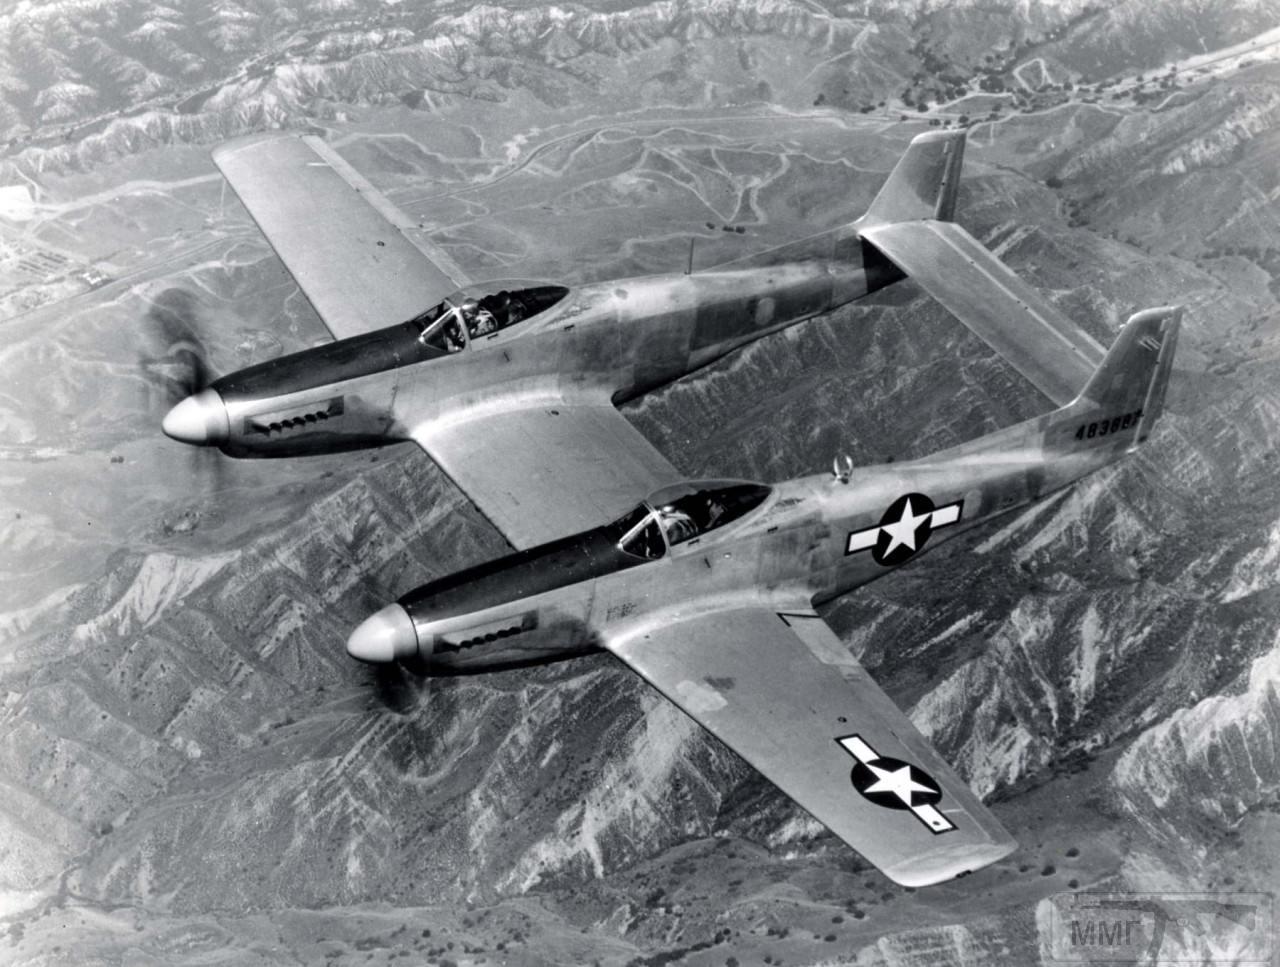 90548 - ВВС Соединенных Штатов Америки (US AIR FORCE)